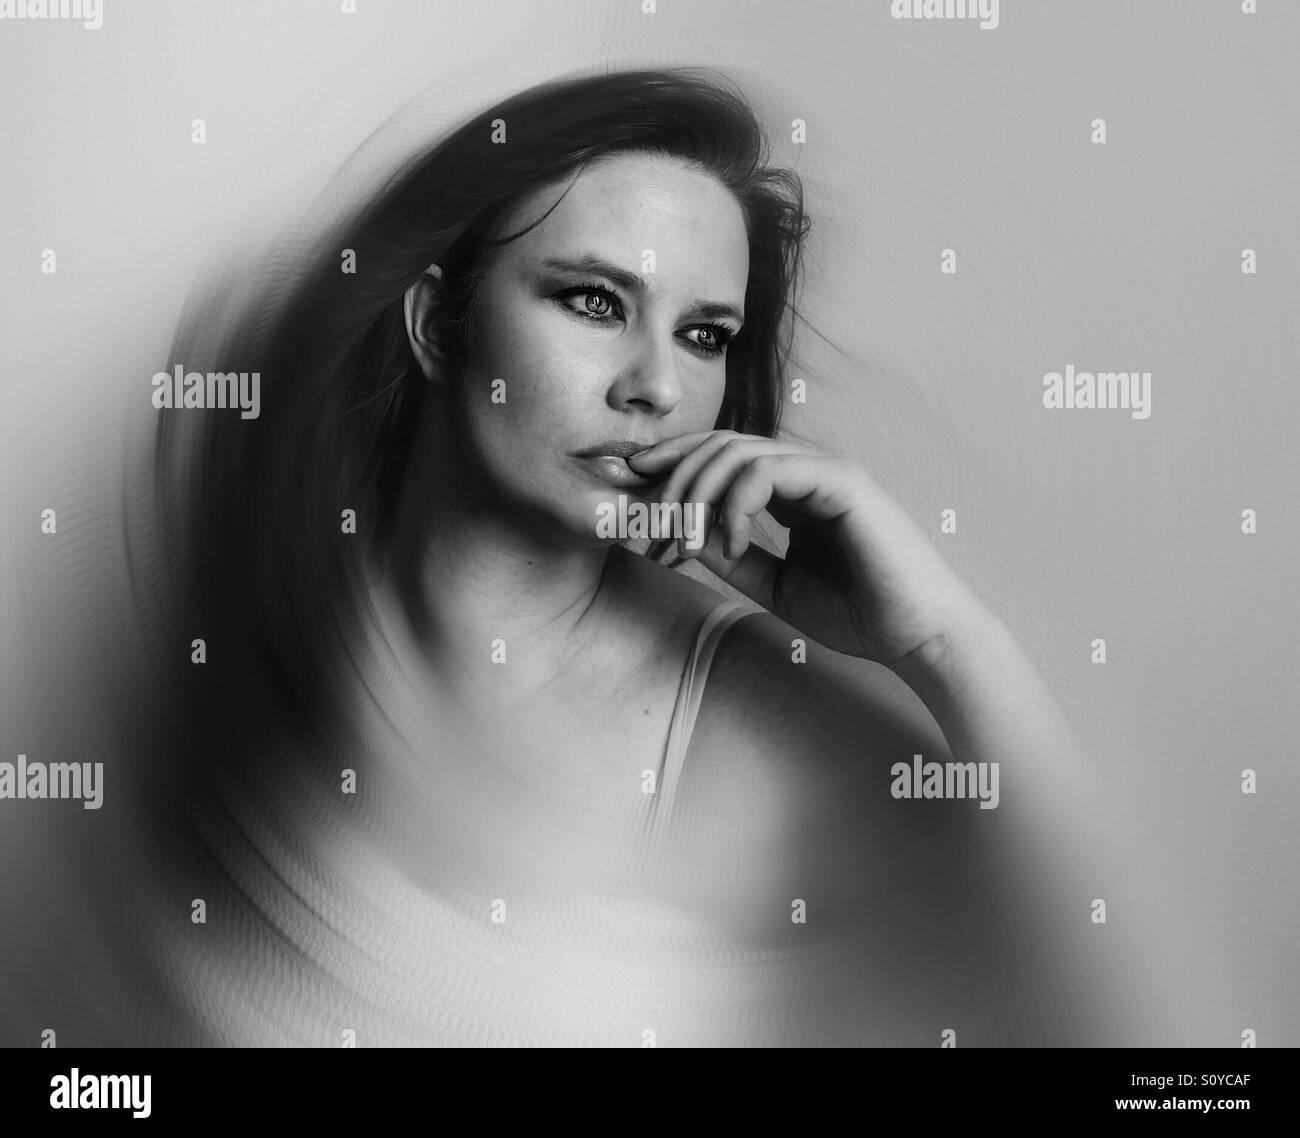 Noir et blanc flou créatif portrait de femme en pensée profonde contre mur Photo Stock